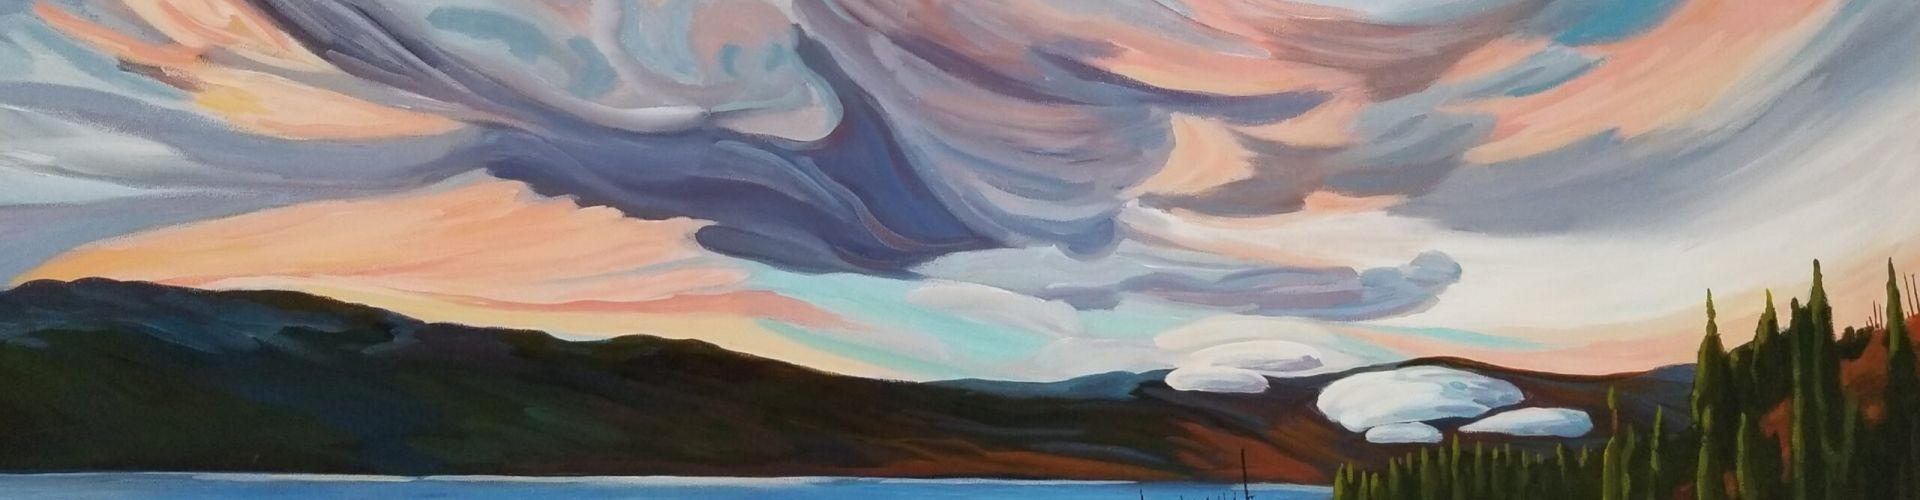 Glorious Morning painting of Goat's Peak in West Kelowna by Linda Lovisa